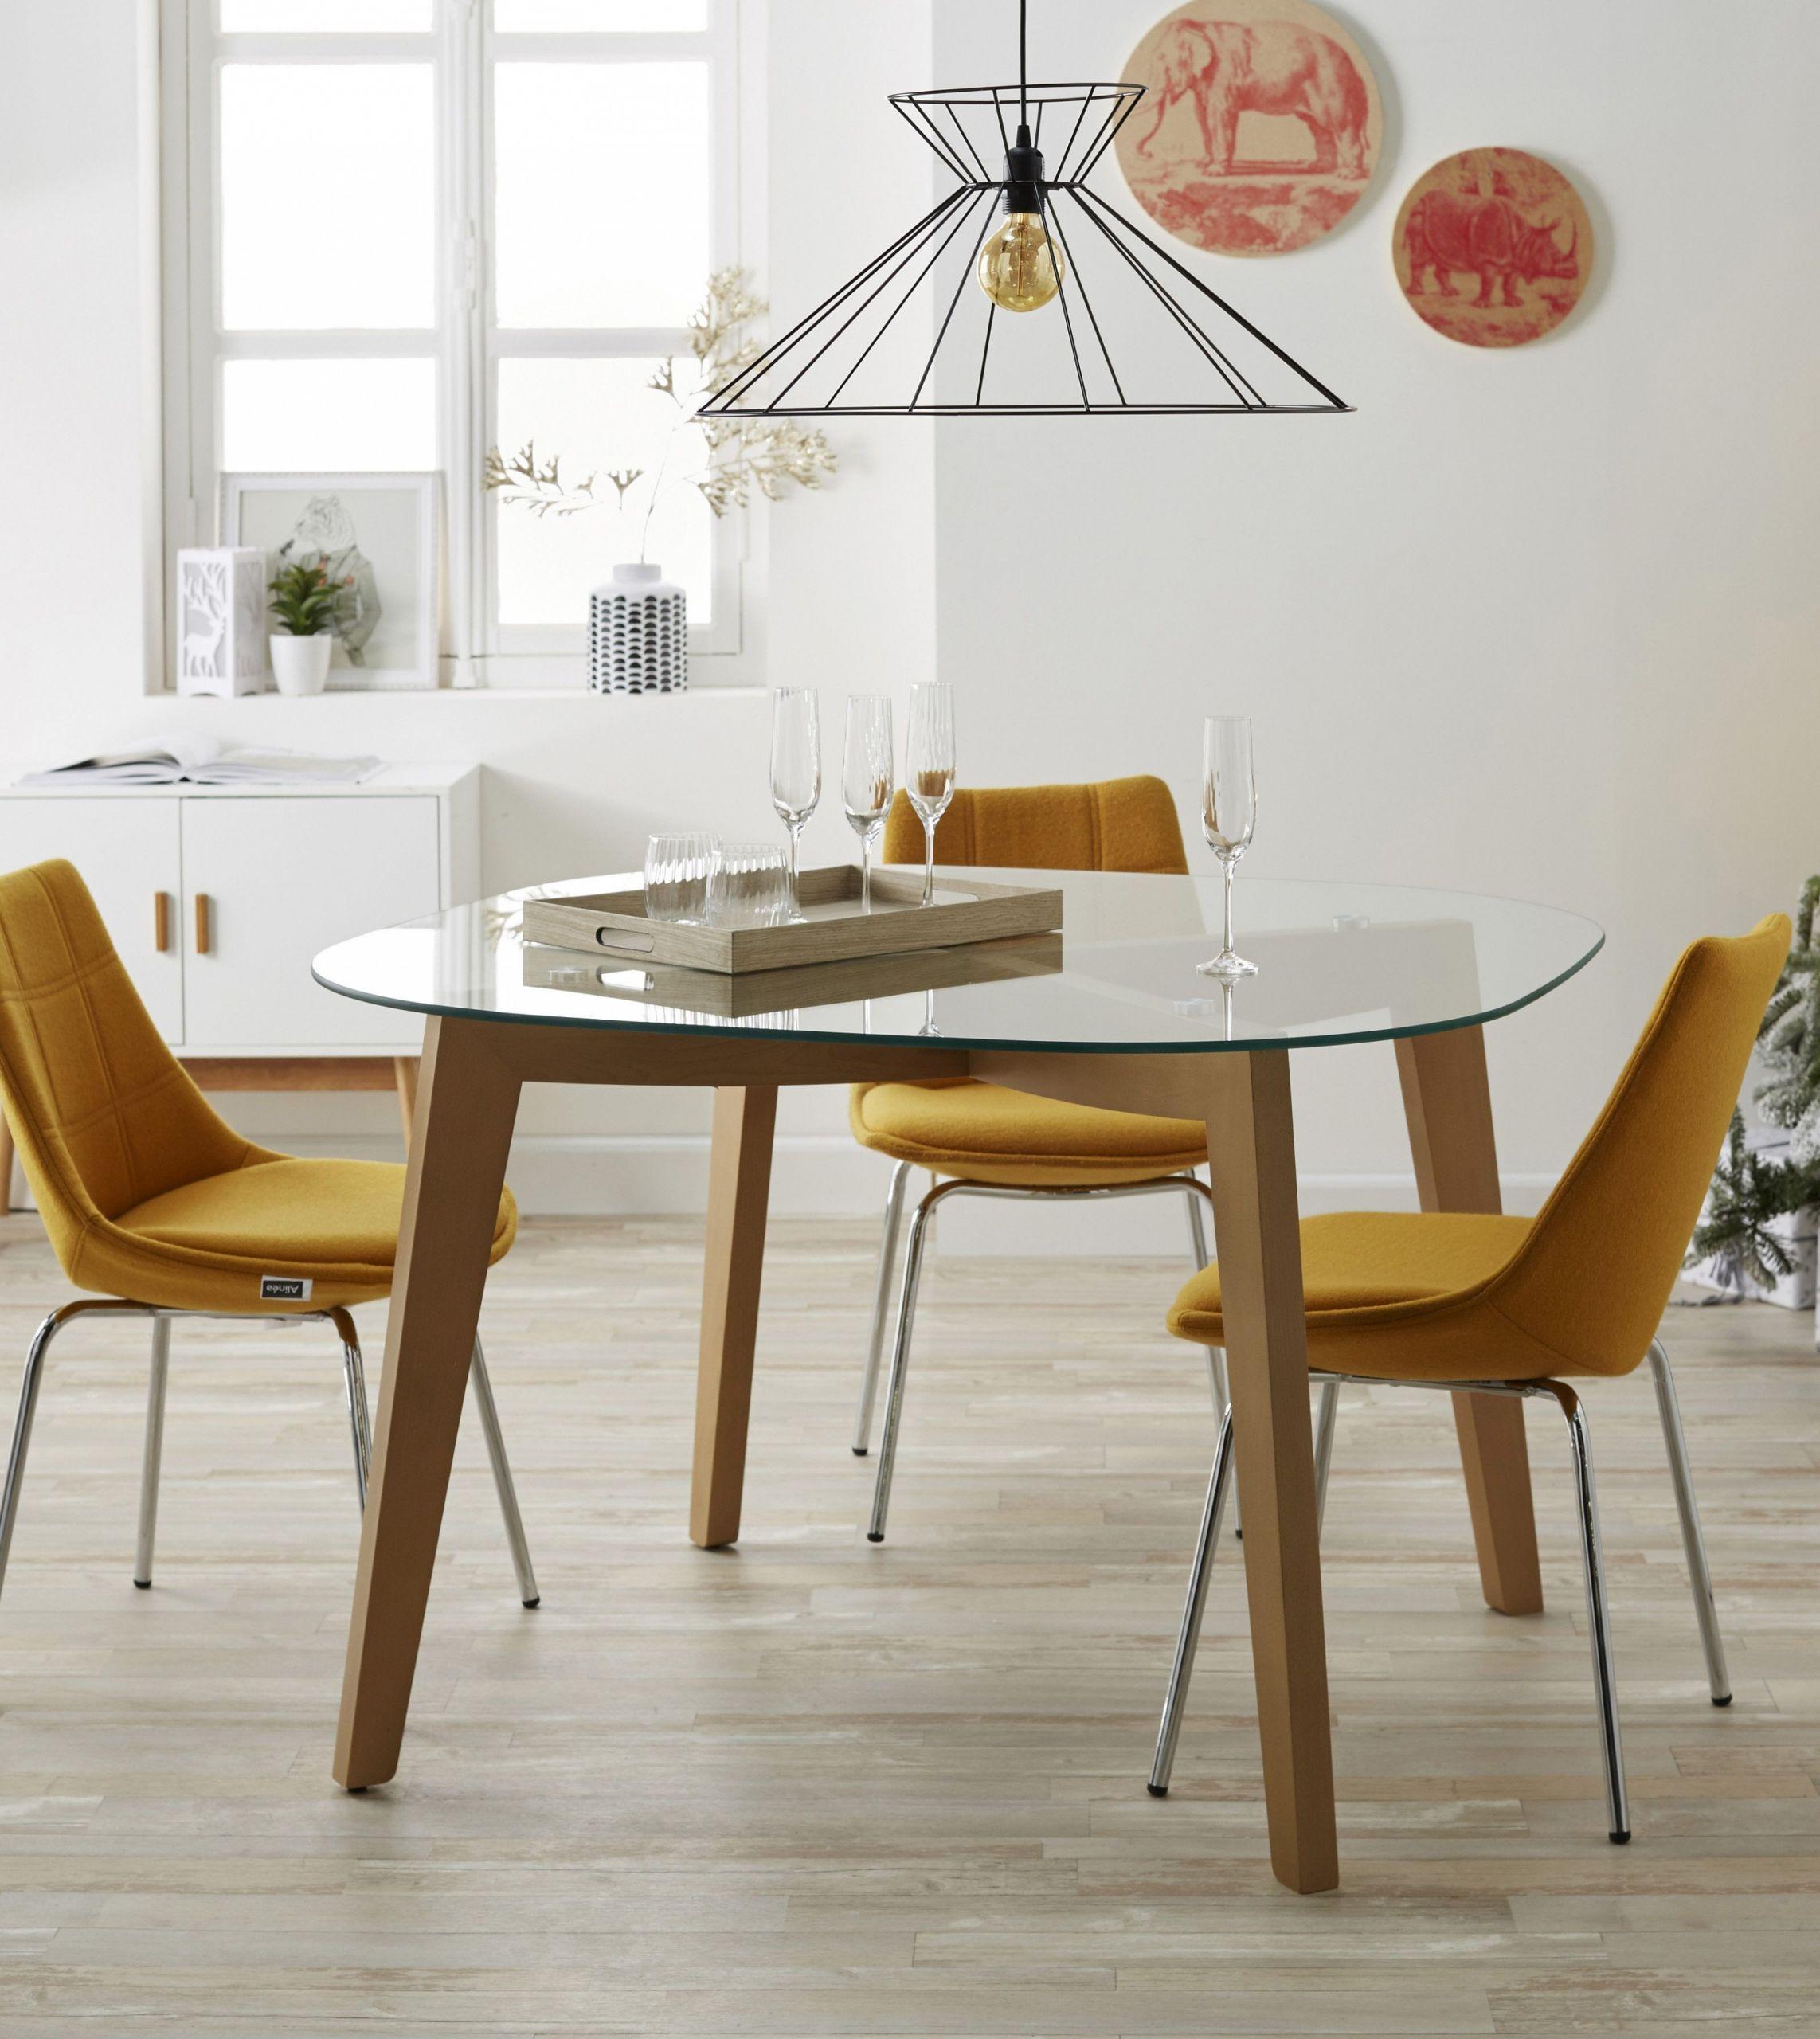 table 2 chaises chaise sejour table a manger et chaise chaise coquille 0d archives of table 2 chaises